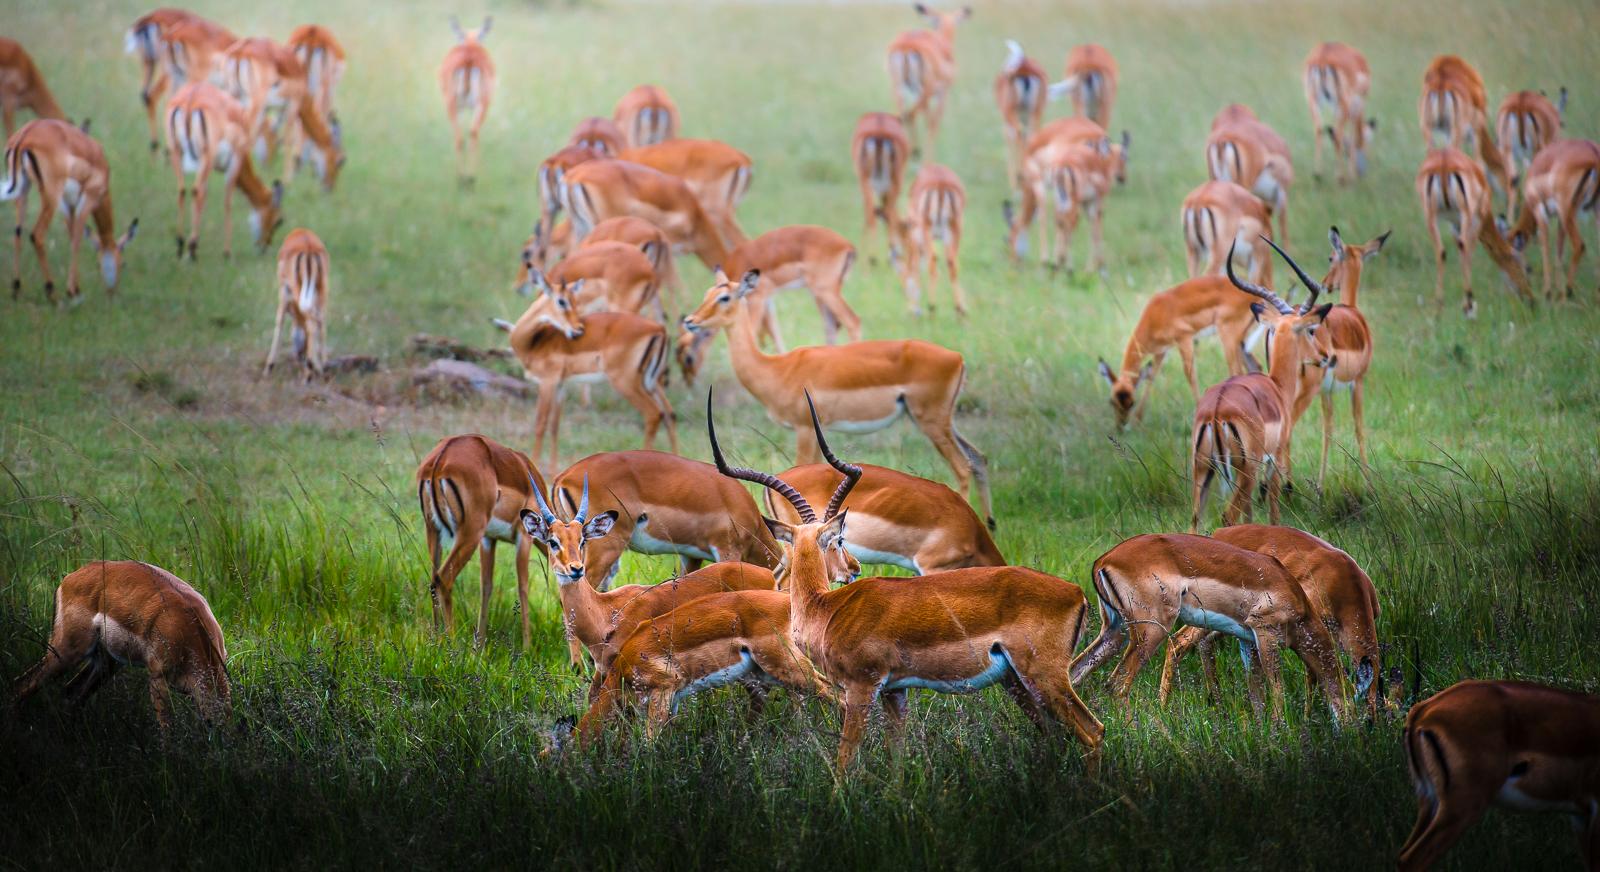 photo-workshop-safari-kenya-10.jpg